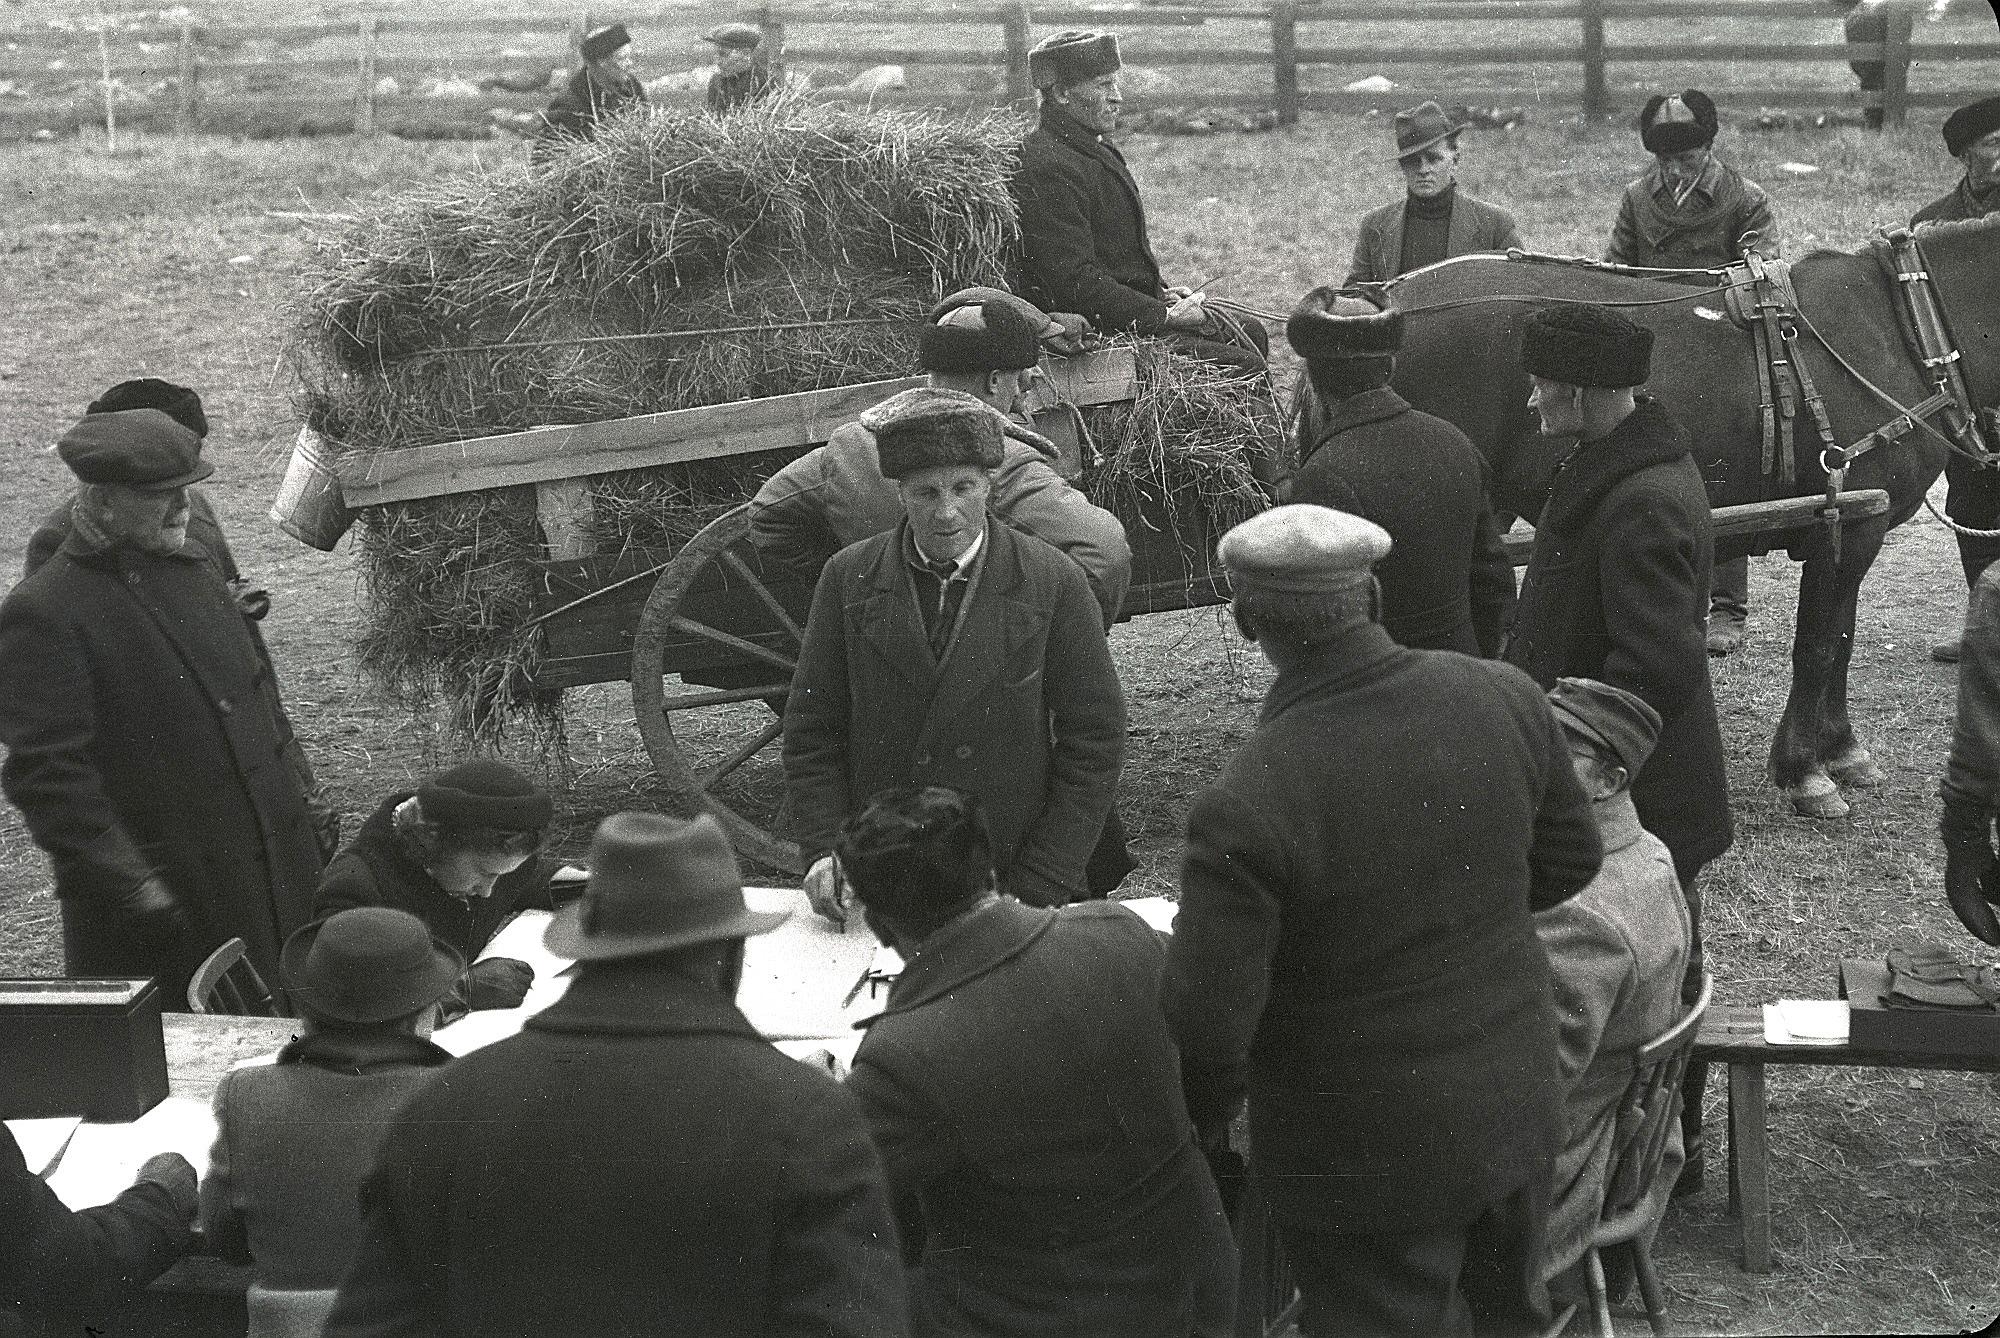 Vi kan bara ana vad den bistra mannen på hästkärran tänker på. Hästen är tillsvidare lyckligt omedveten om vad som väntar. Selim Björses foto från 1939 finns arkiverat på SLS:s traditionsarkiv i Vasa.